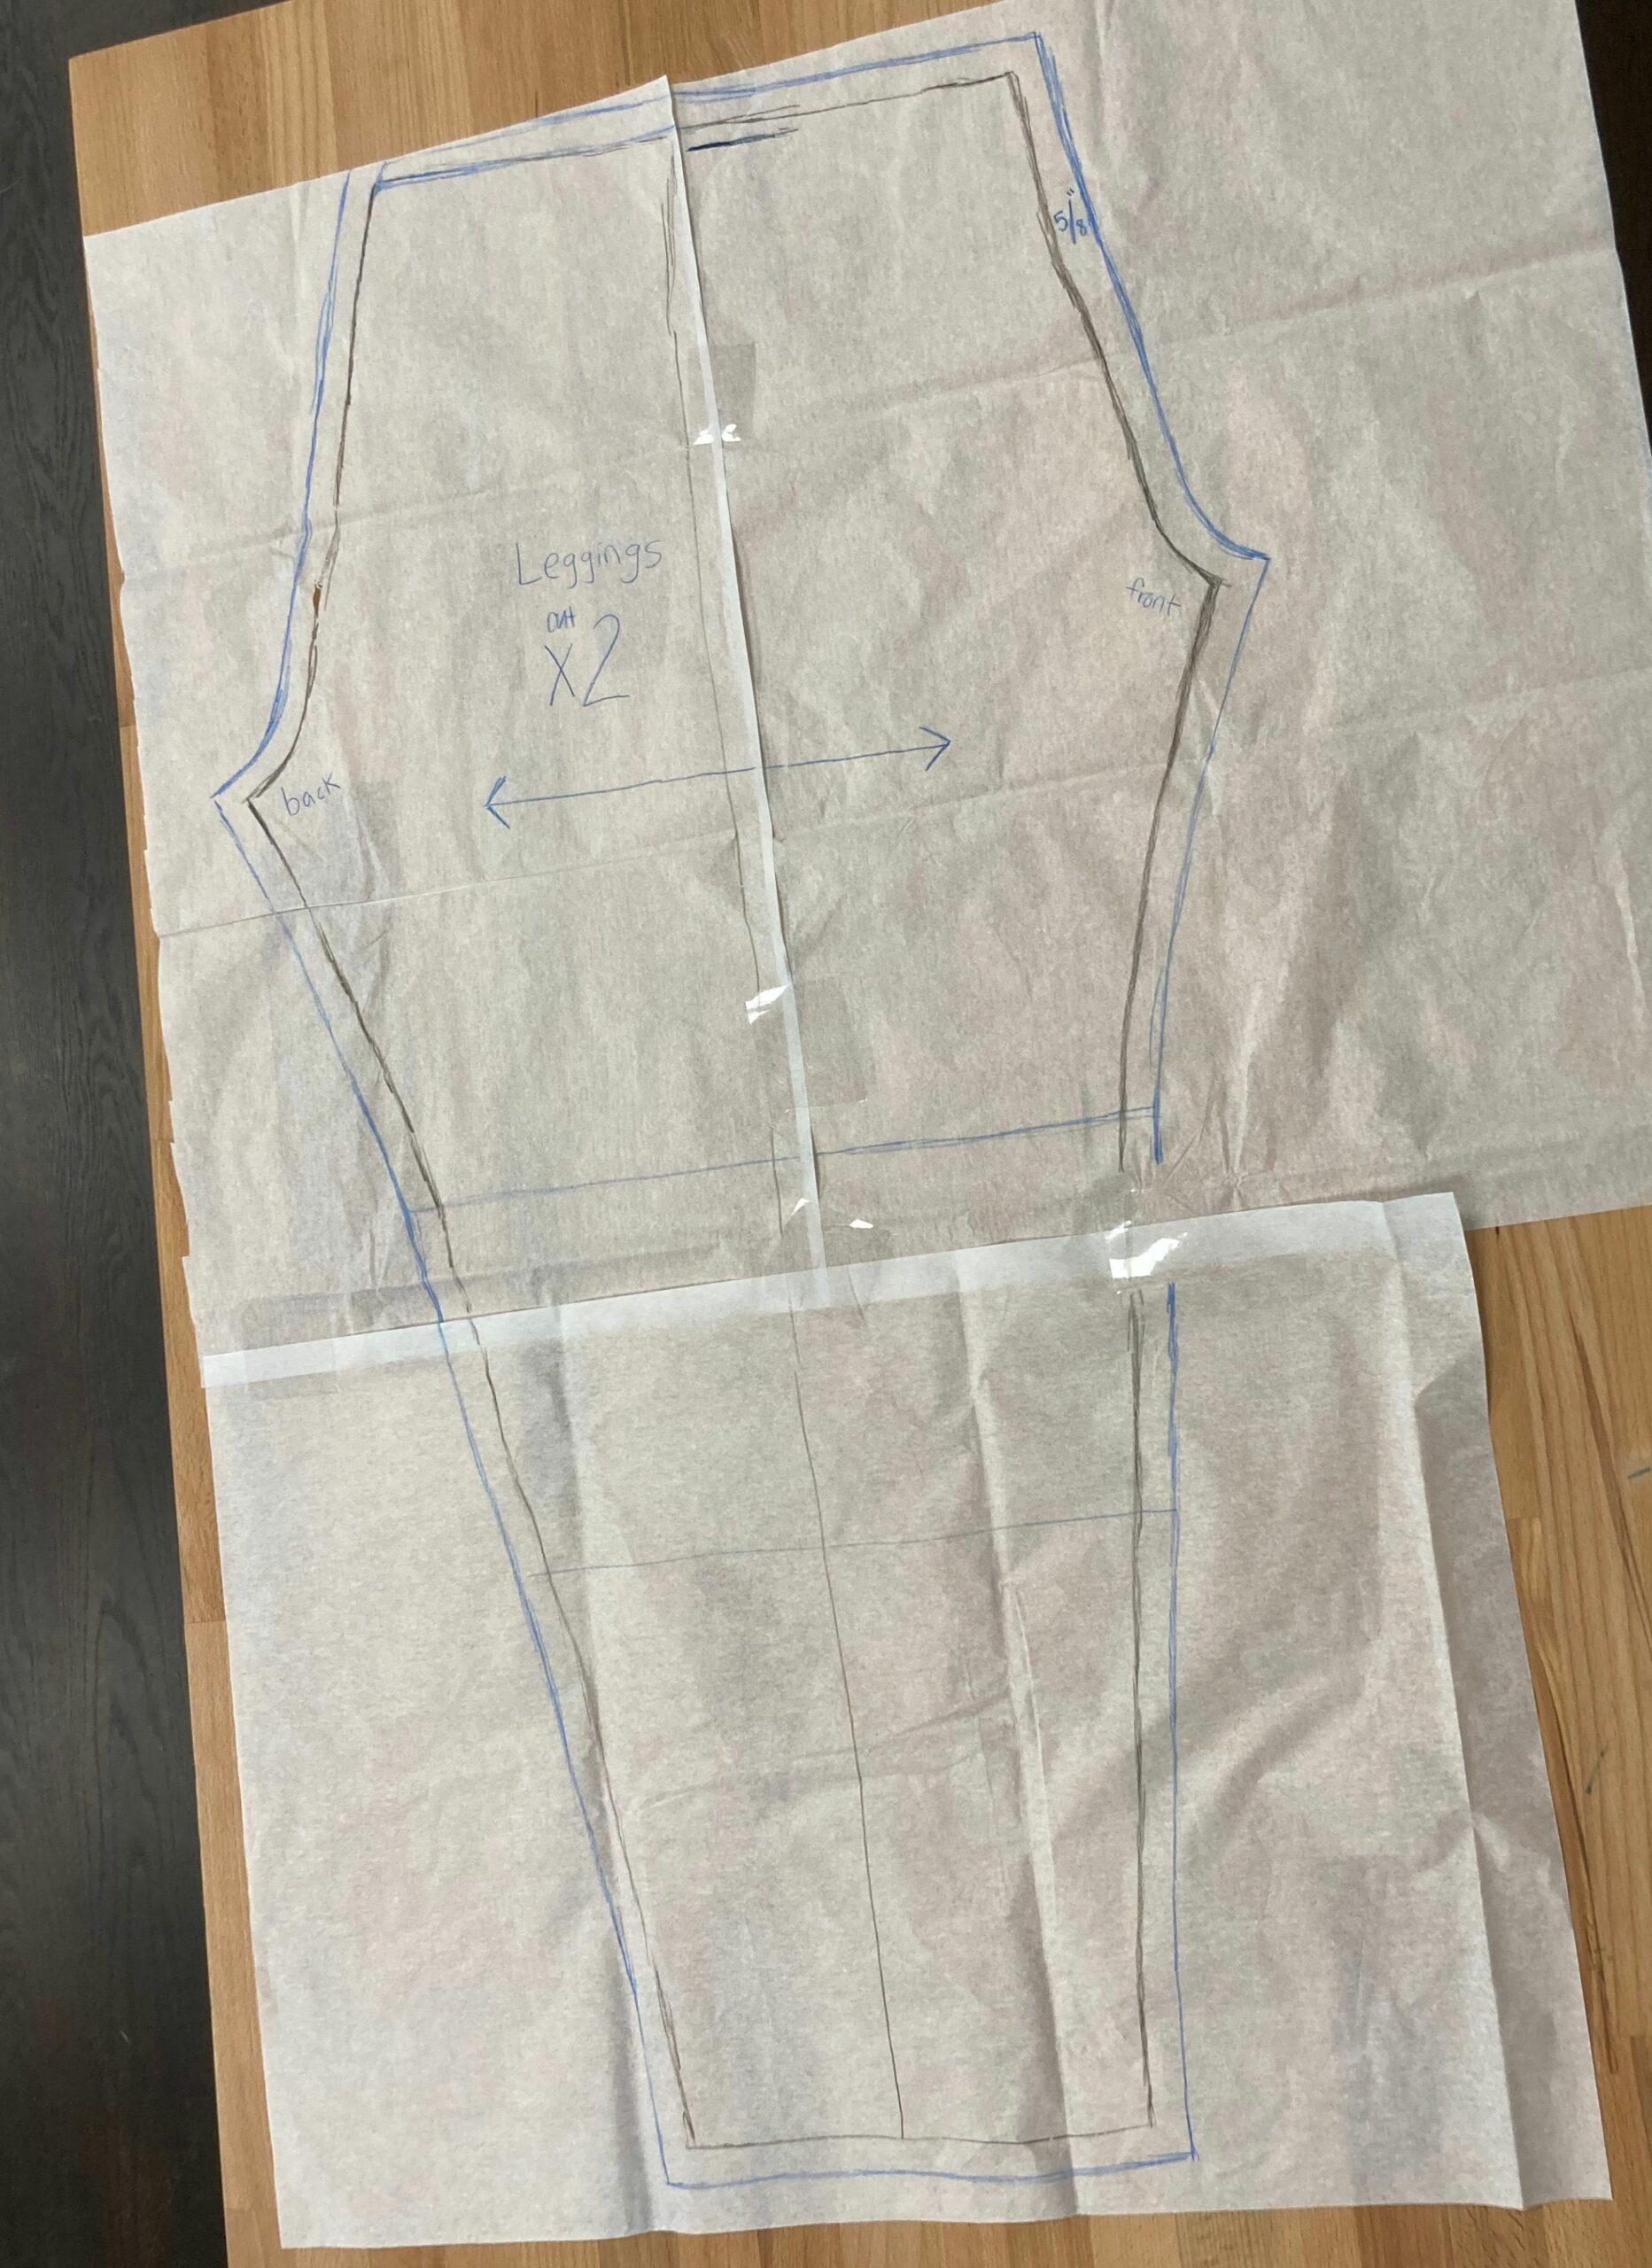 Final leggings pattern